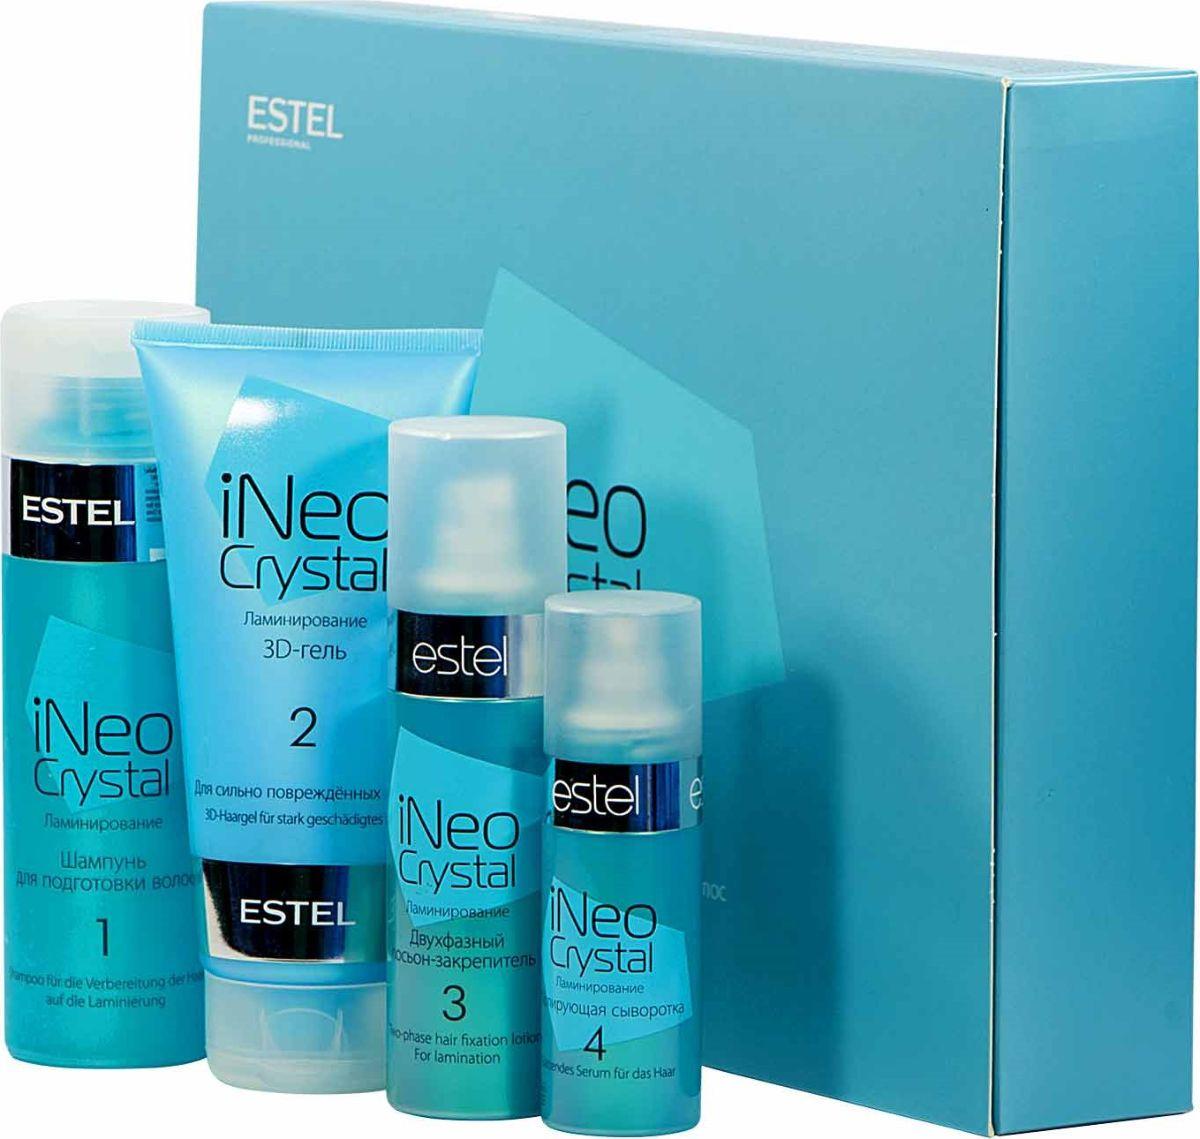 Estel iNeo-Crystal Набор для процедуры ламинирования волос с 3D-гелем для сильно поврежденных волосCR.5Процедура разработана в лаборатории ESTEL с учетом новейших достижений современной науки и отвечает самым высоким стандартам качества, обеспечивая отличный результат.Результат: Укрепление и выравнивание структуры волоса;Придание дополнительного объема, блеска, шелковистости;Сохранение и поддержание цвета окрашенных волос;Предохранение от механических повреждений и вредного воздействия окружающей средыОбъем: